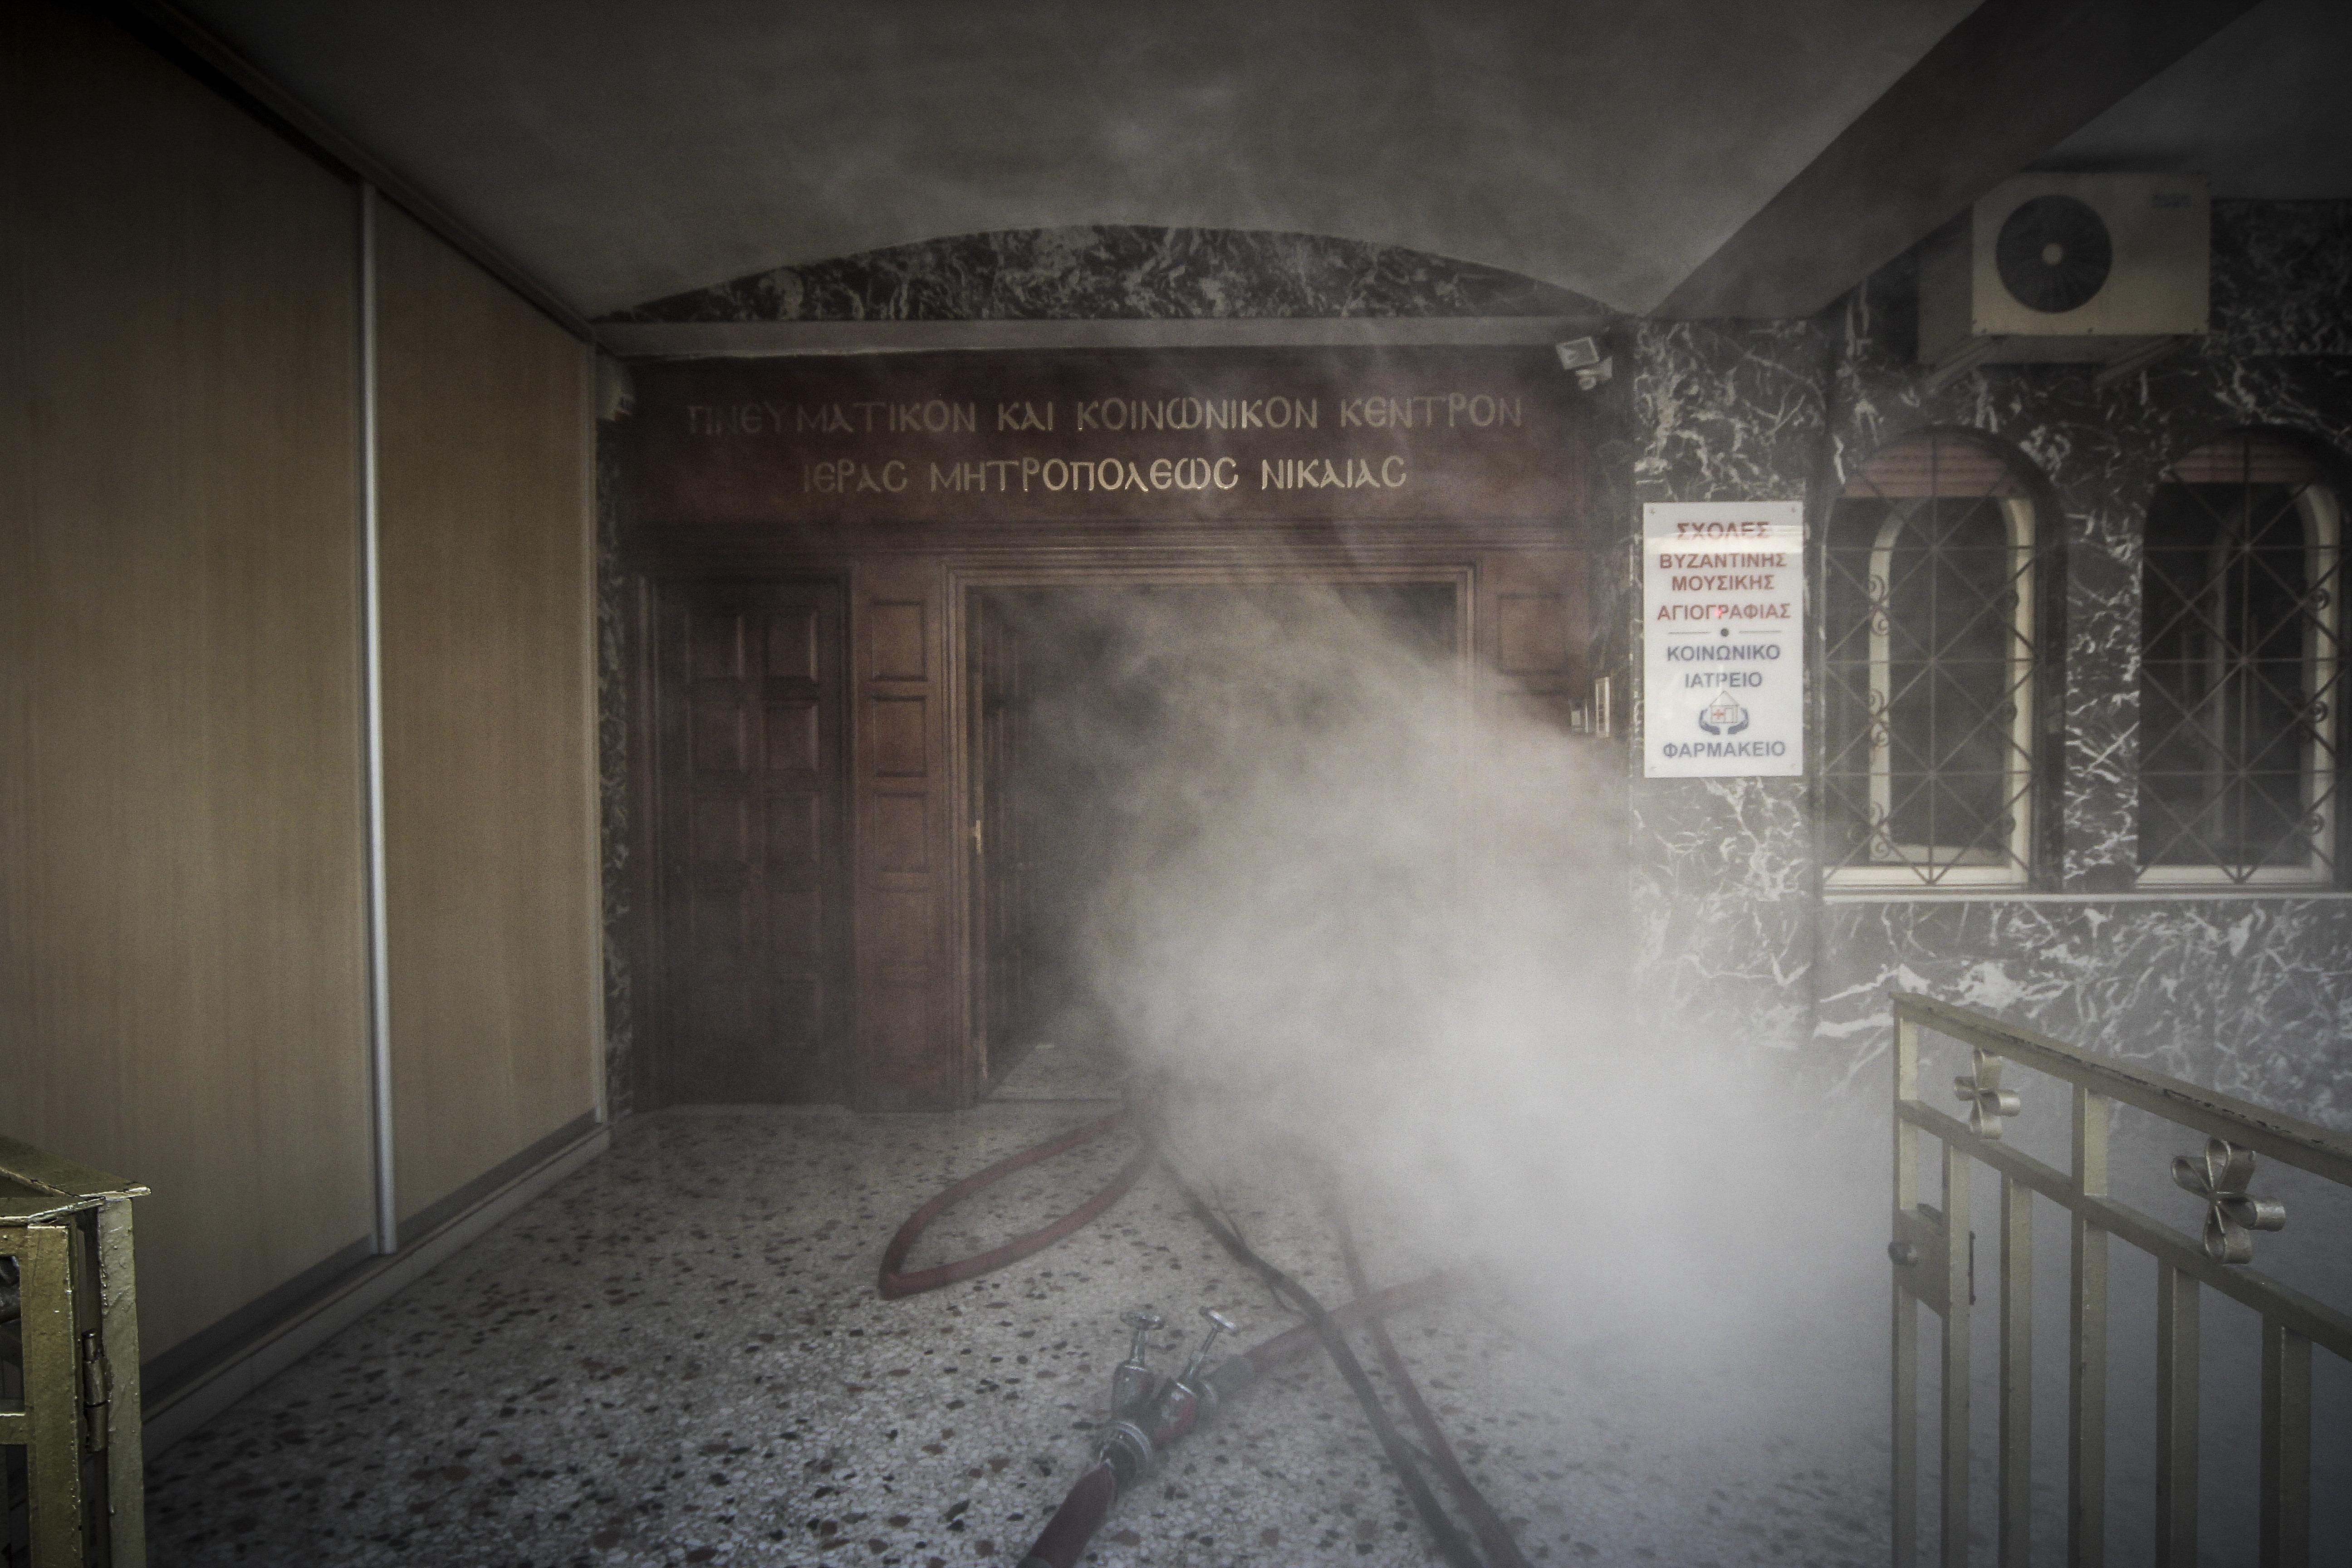 Πυρκαγιά σε ισόγειο κτίριο της Μητρόπολης στη